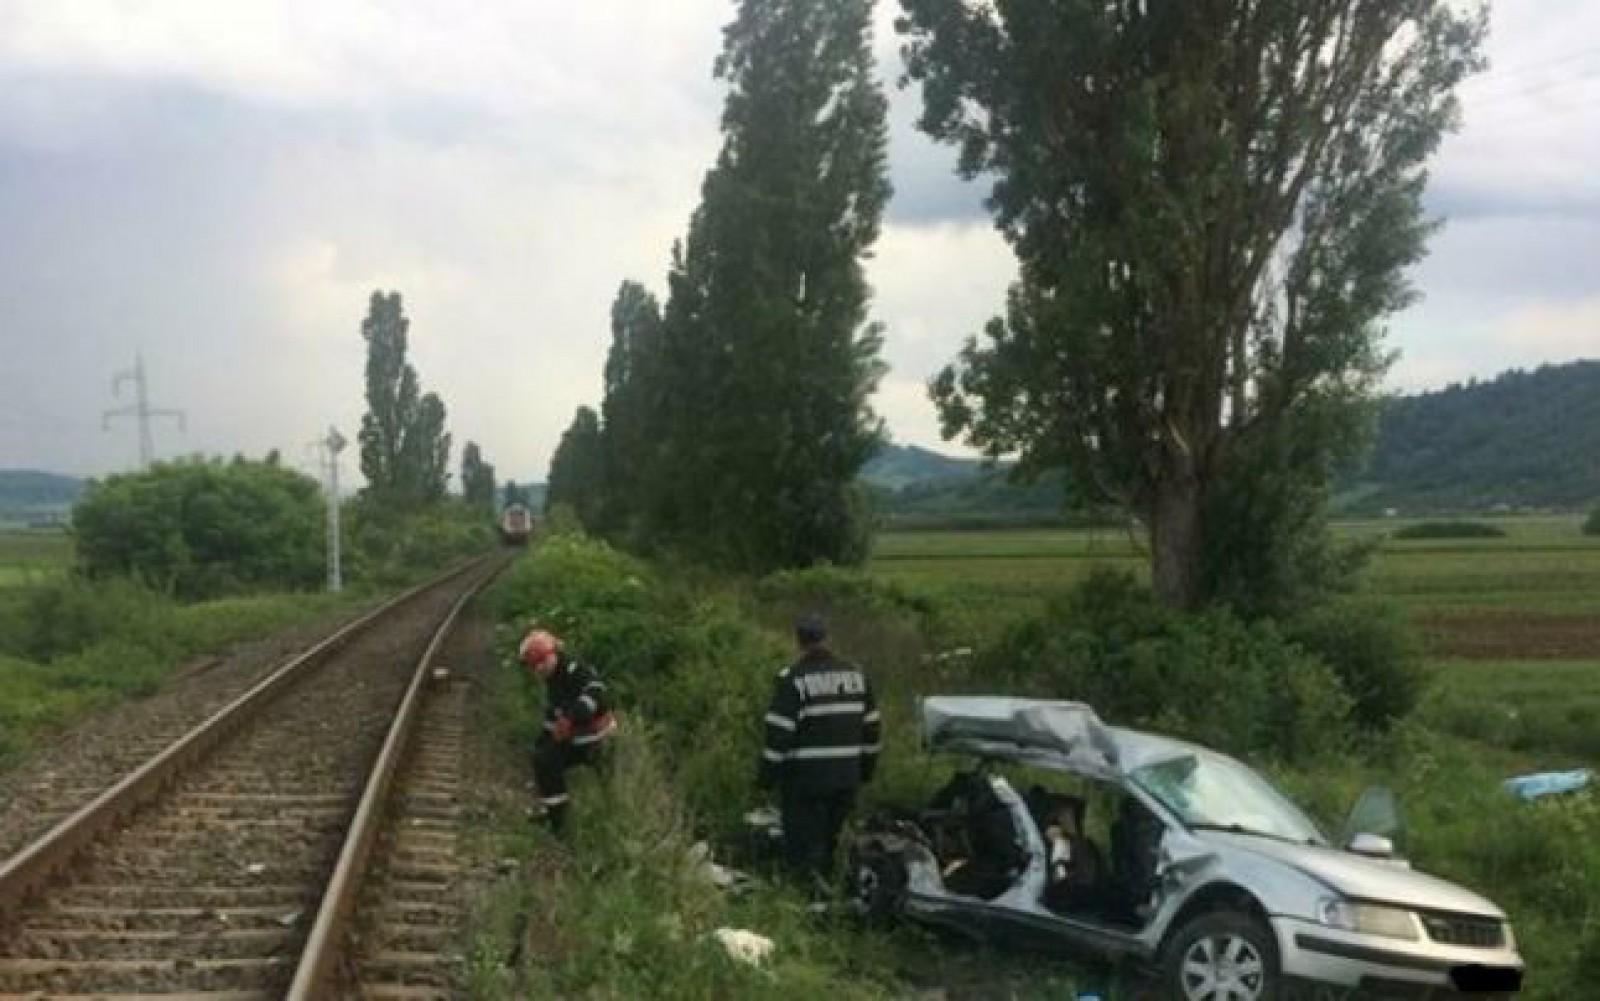 România: Patru studente au murit şi o alta a fost rănită grav după ce maşina în care se aflau a fost lovită de tren